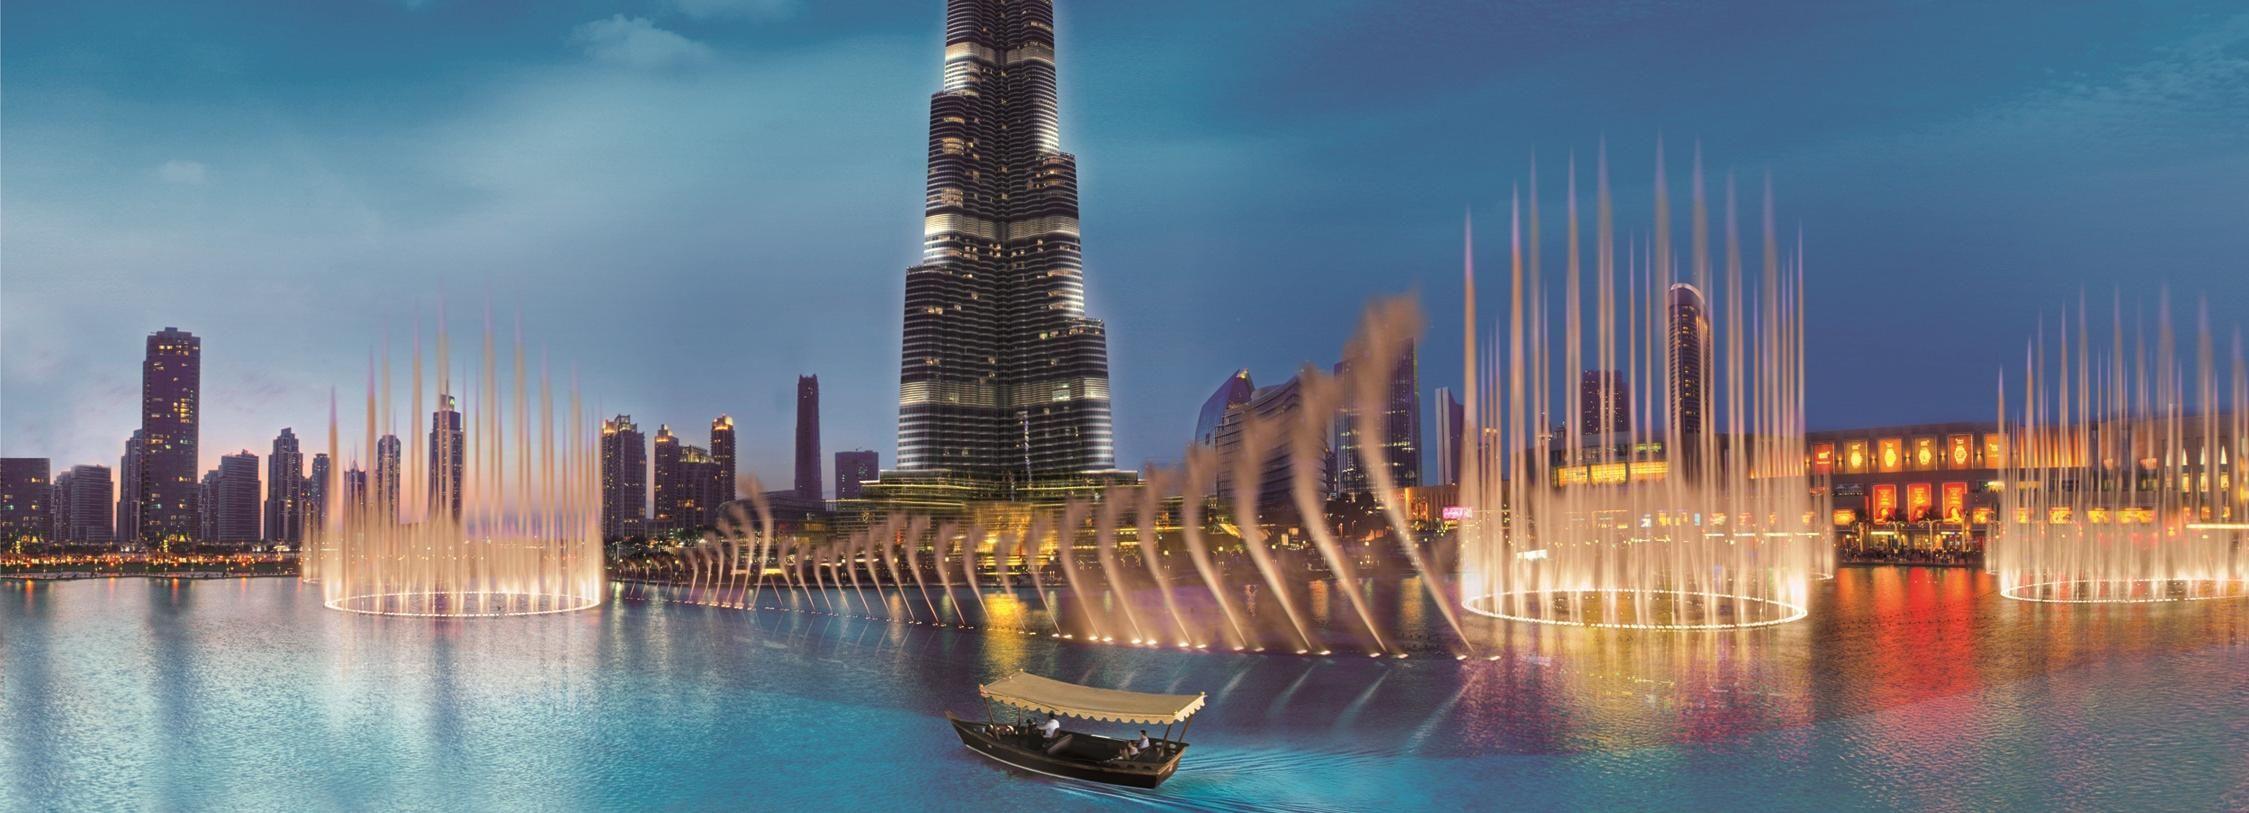 Dubaï: spectacle de fontaines et balade en bateau sur lac